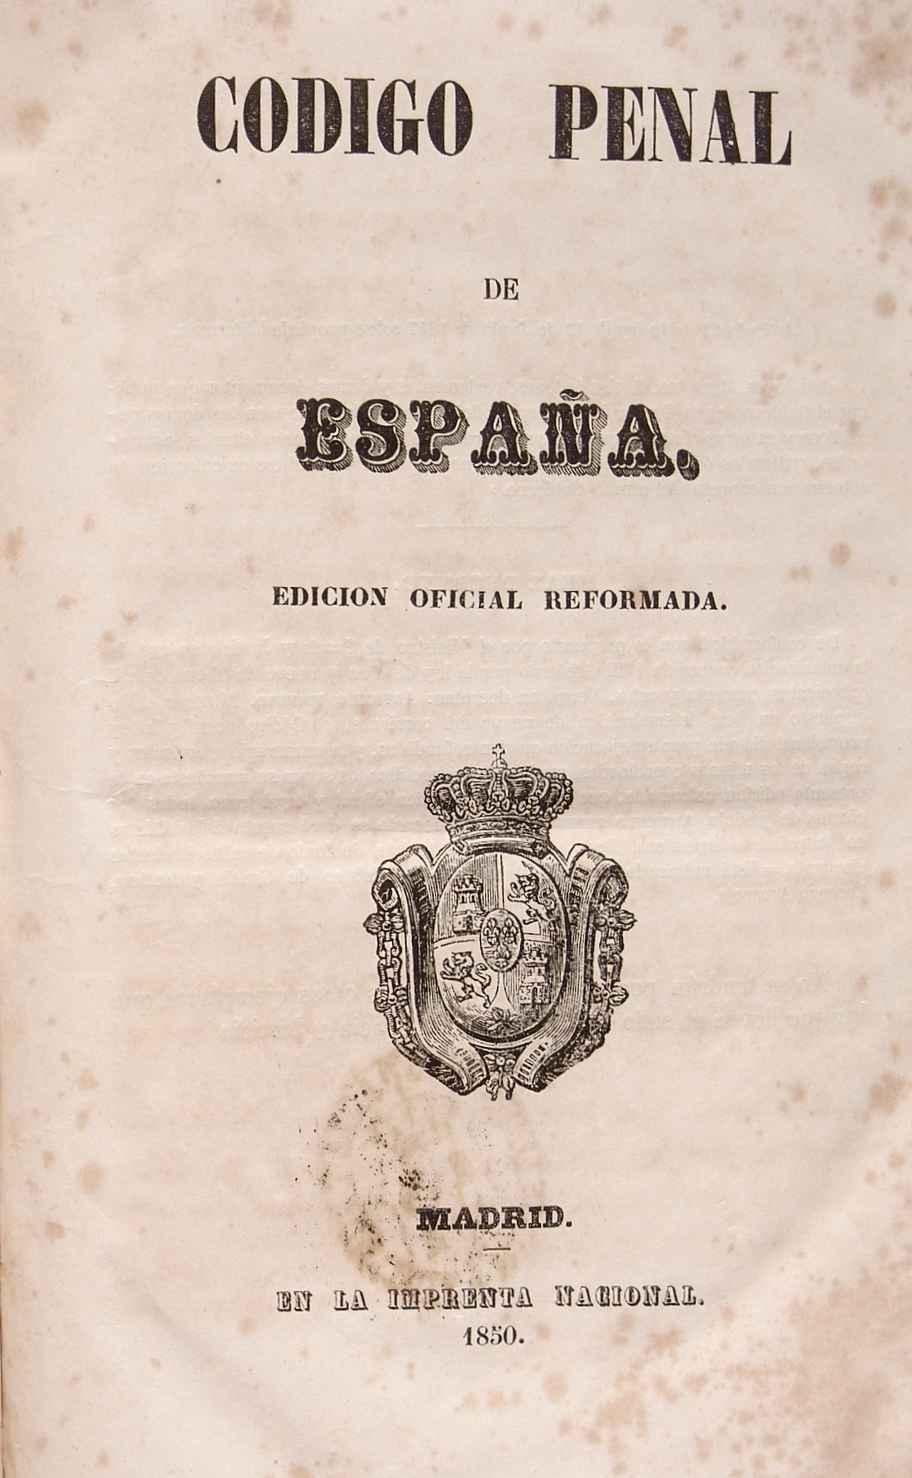 Derecho penal Difamación online Fotografía ReputationUP 2020 espana